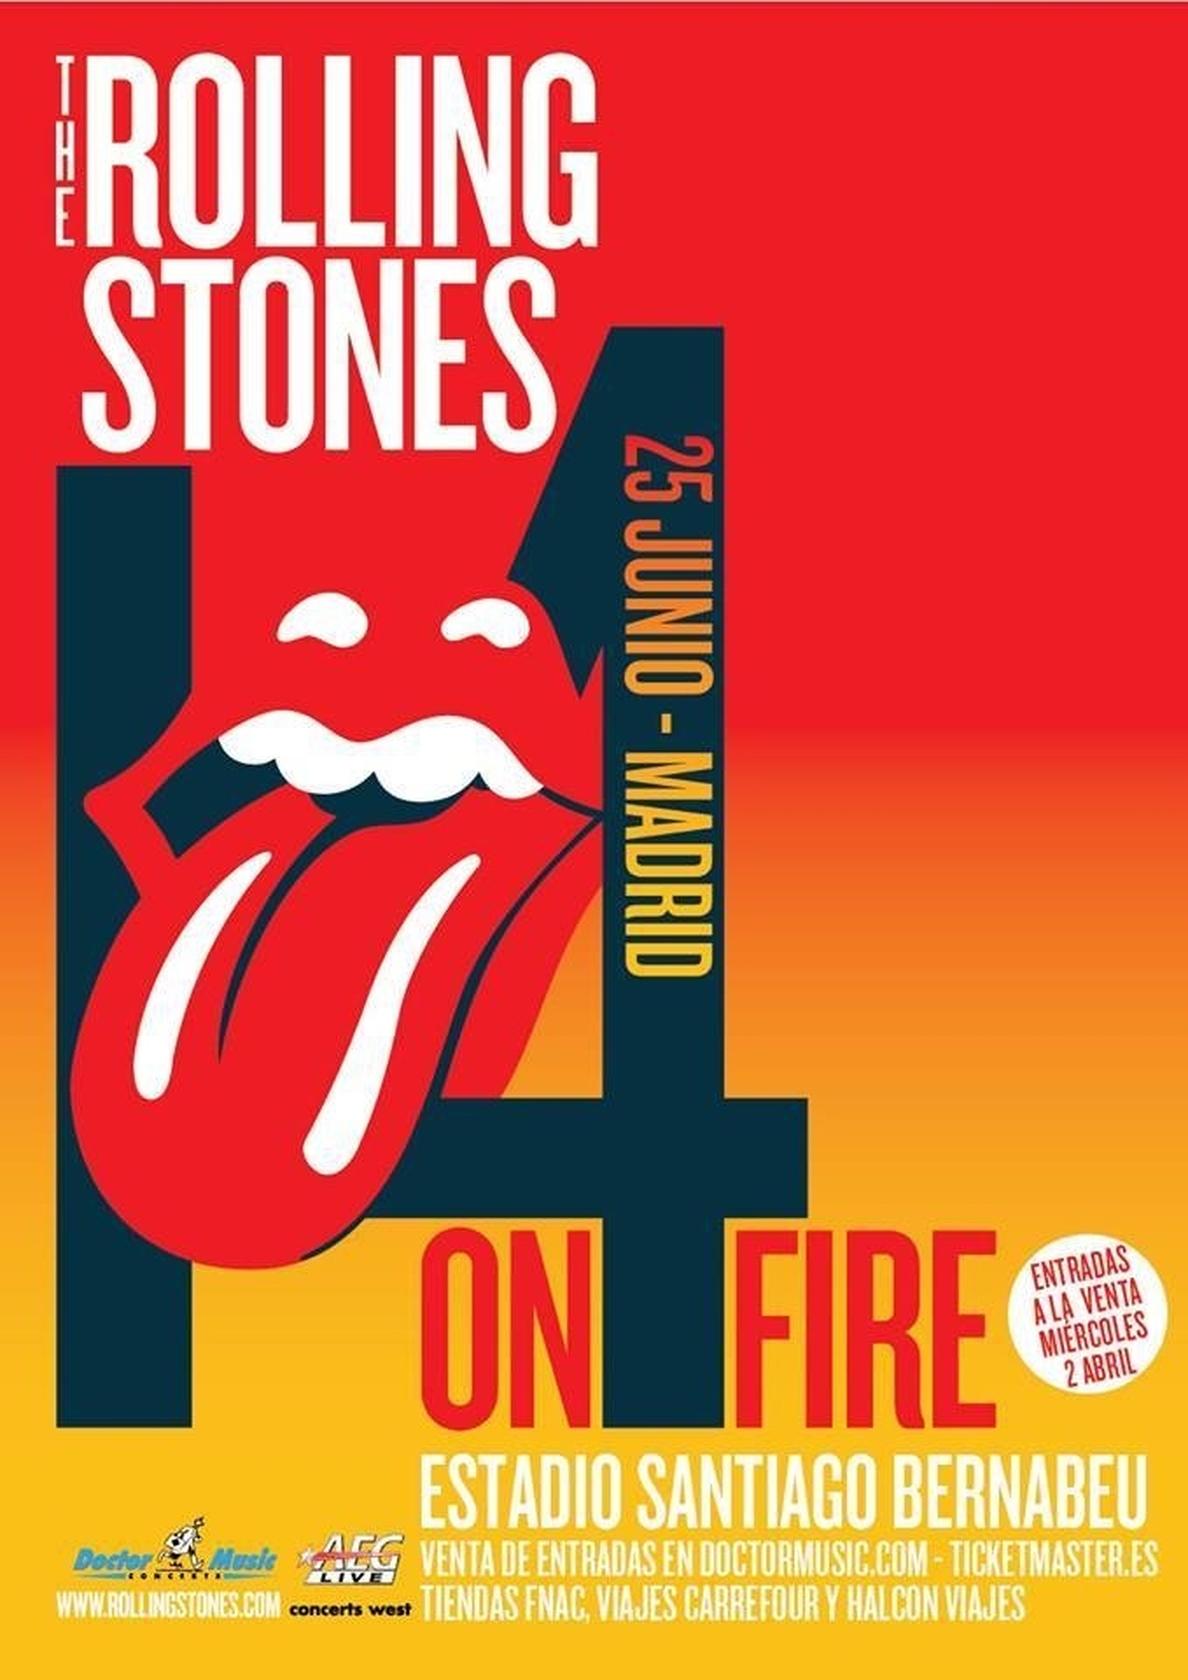 The Rolling Stones actuarán el 25 de junio en el estadio Santiago Bernabéu de Madrid